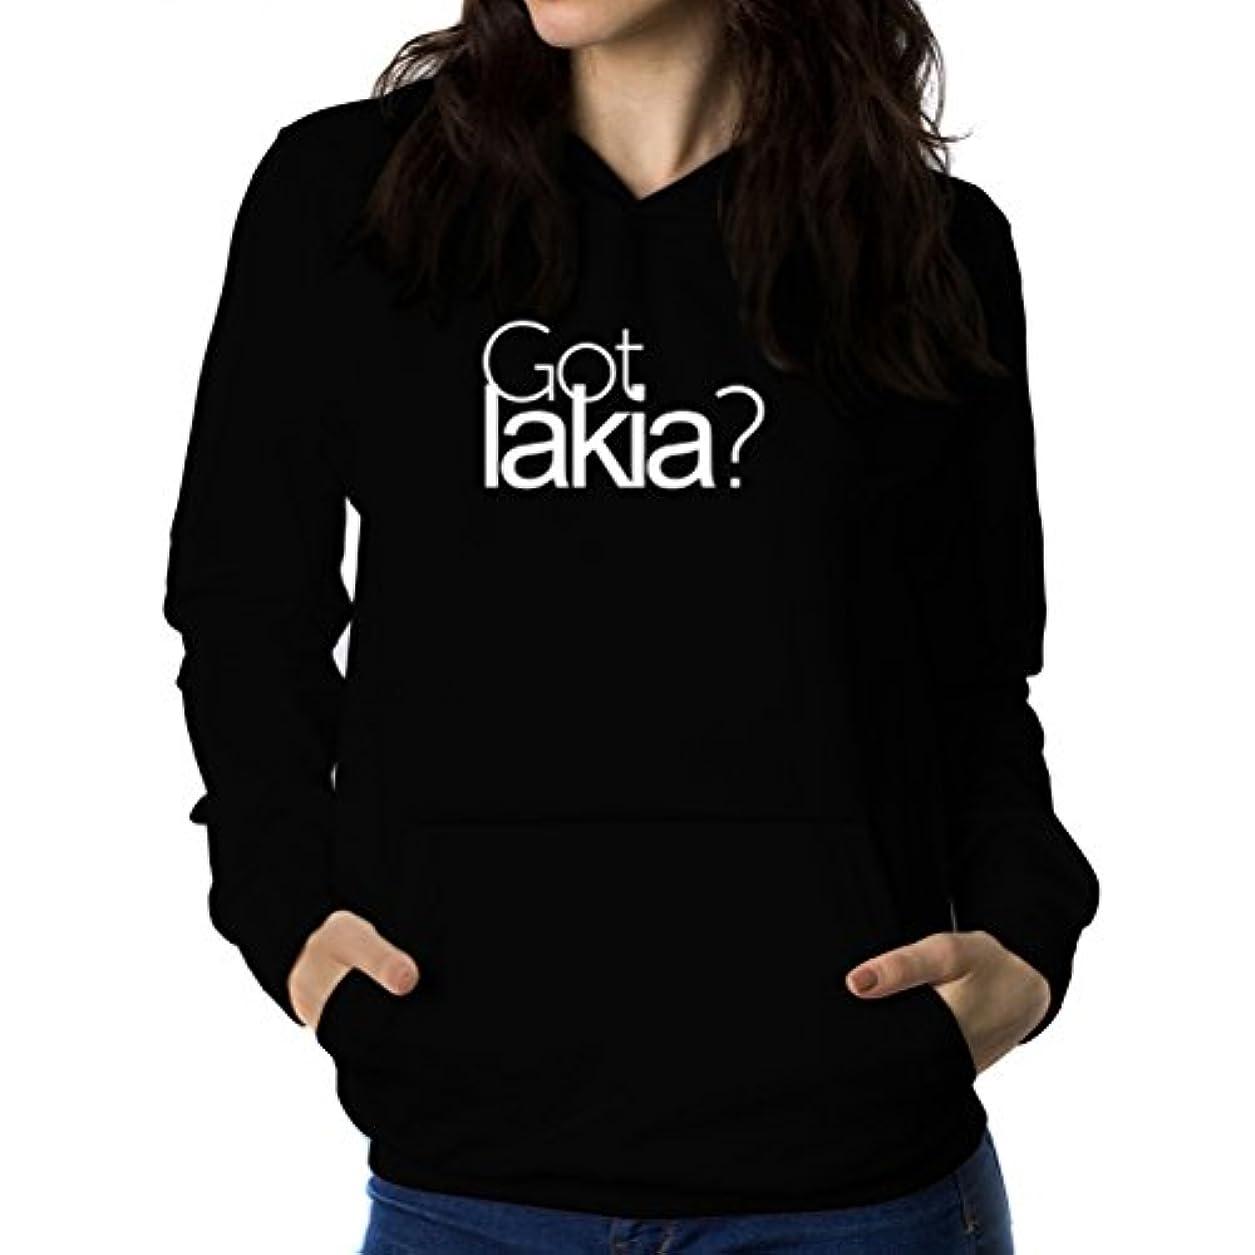 プランテーションプレビュー遺産Got Lakia? 女性 フーディー